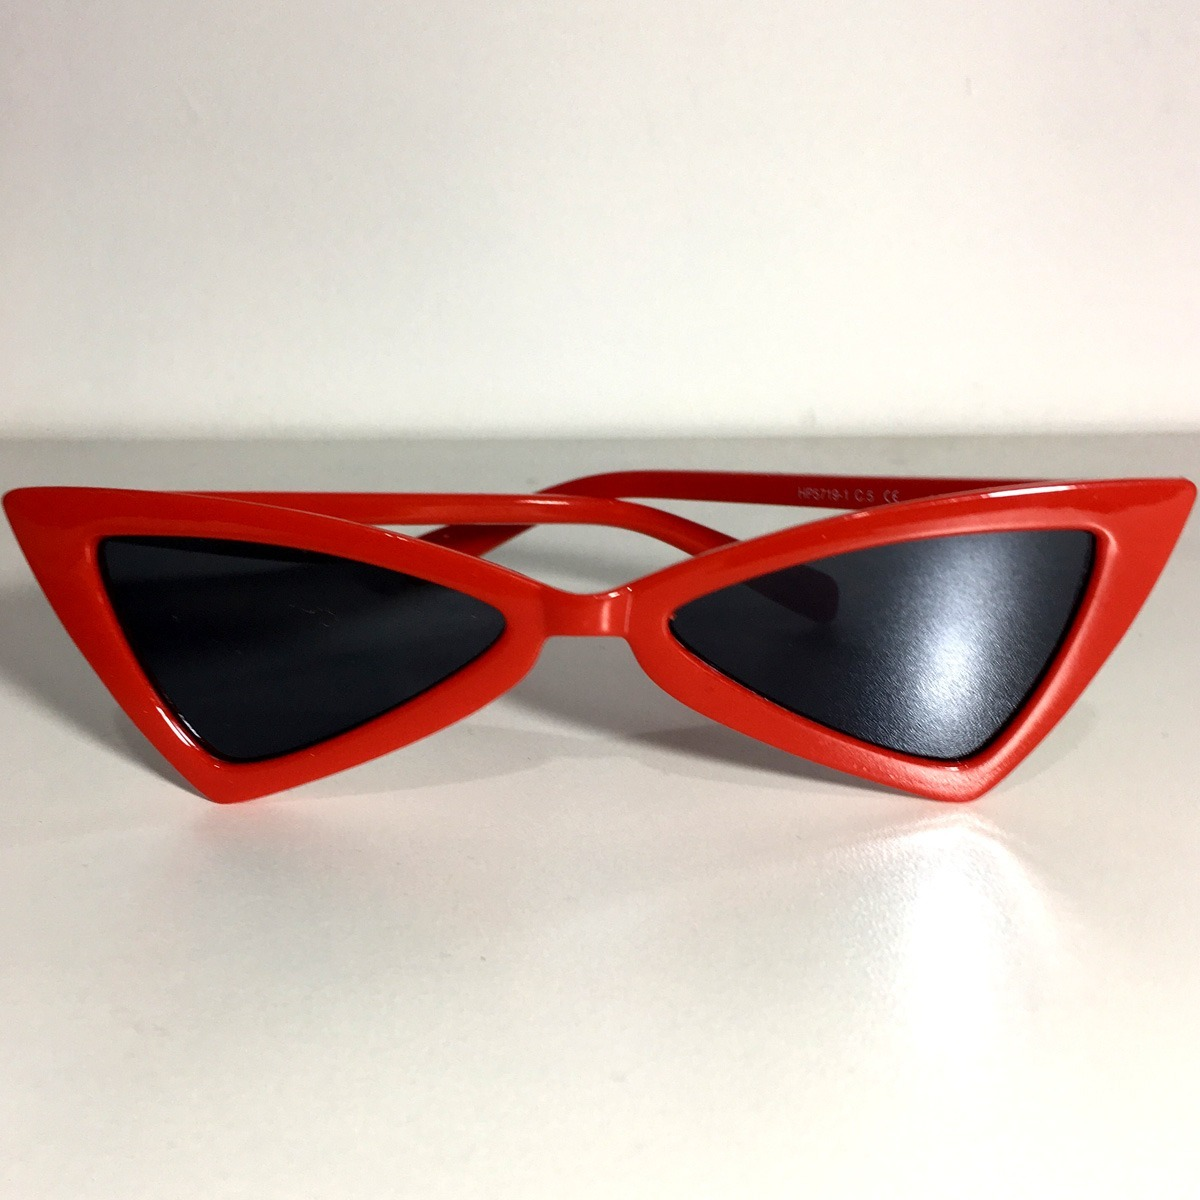 Óculos De Sol Feminino Lindo Estiloso Proteção Uv - R  40,00 em ... 217a4d0953